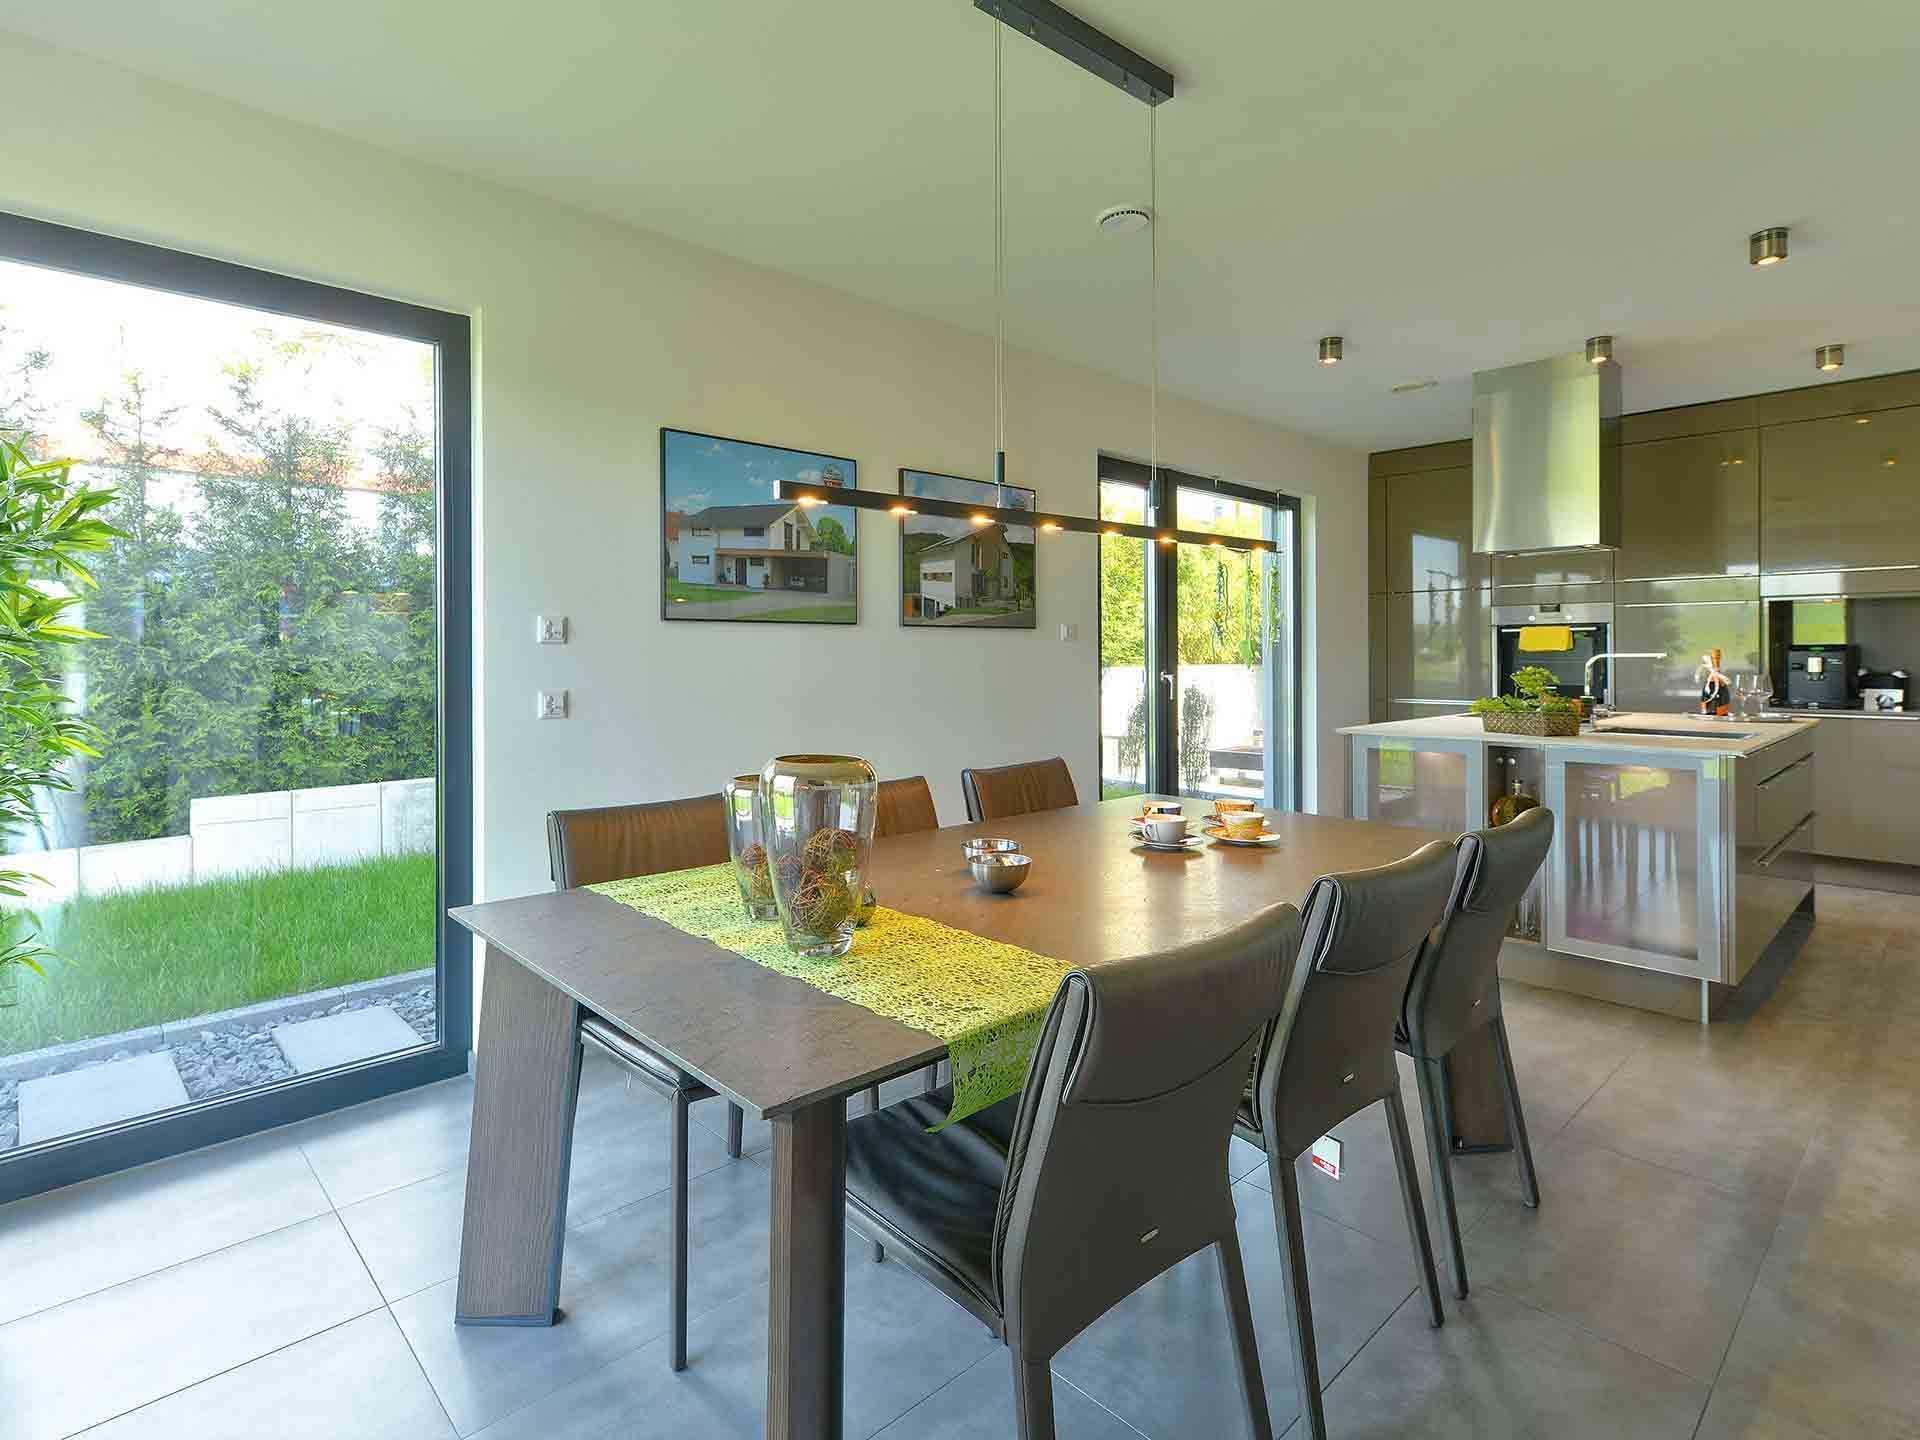 Wohnküche Küche Und Wohnzimmer In Einem Kleinen Raum